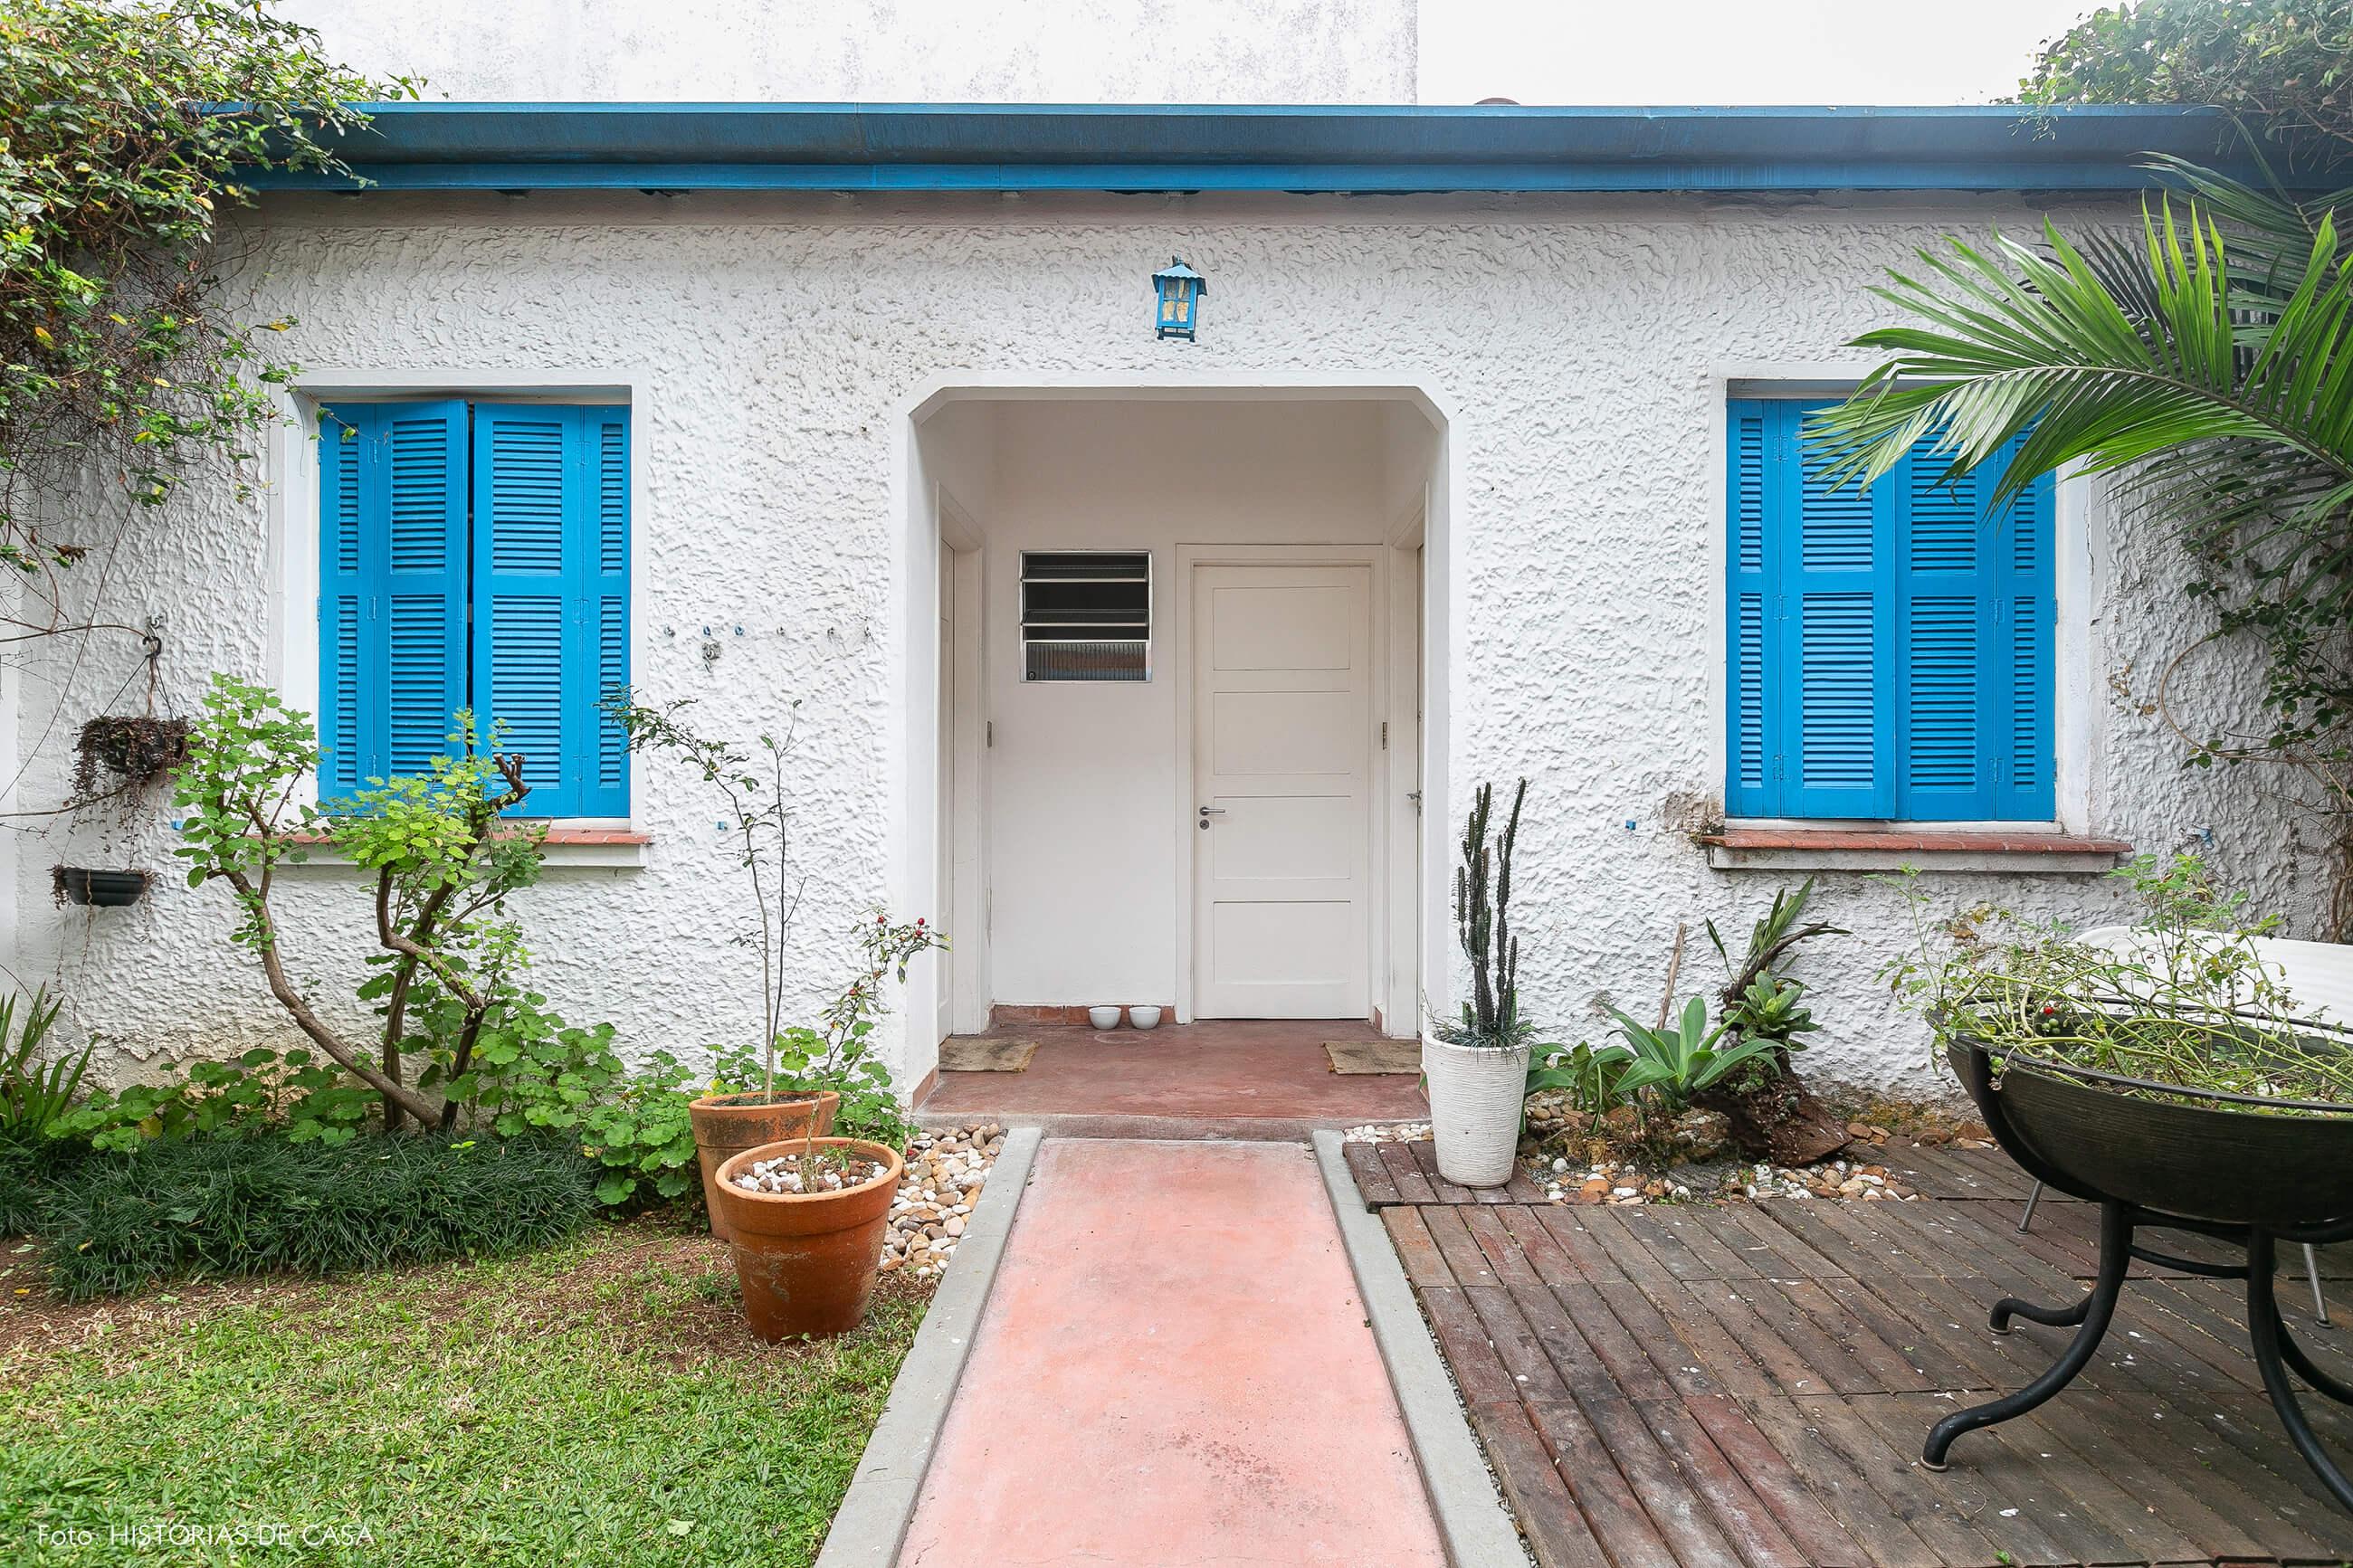 Quintal de casa com janelas pintadas de azul